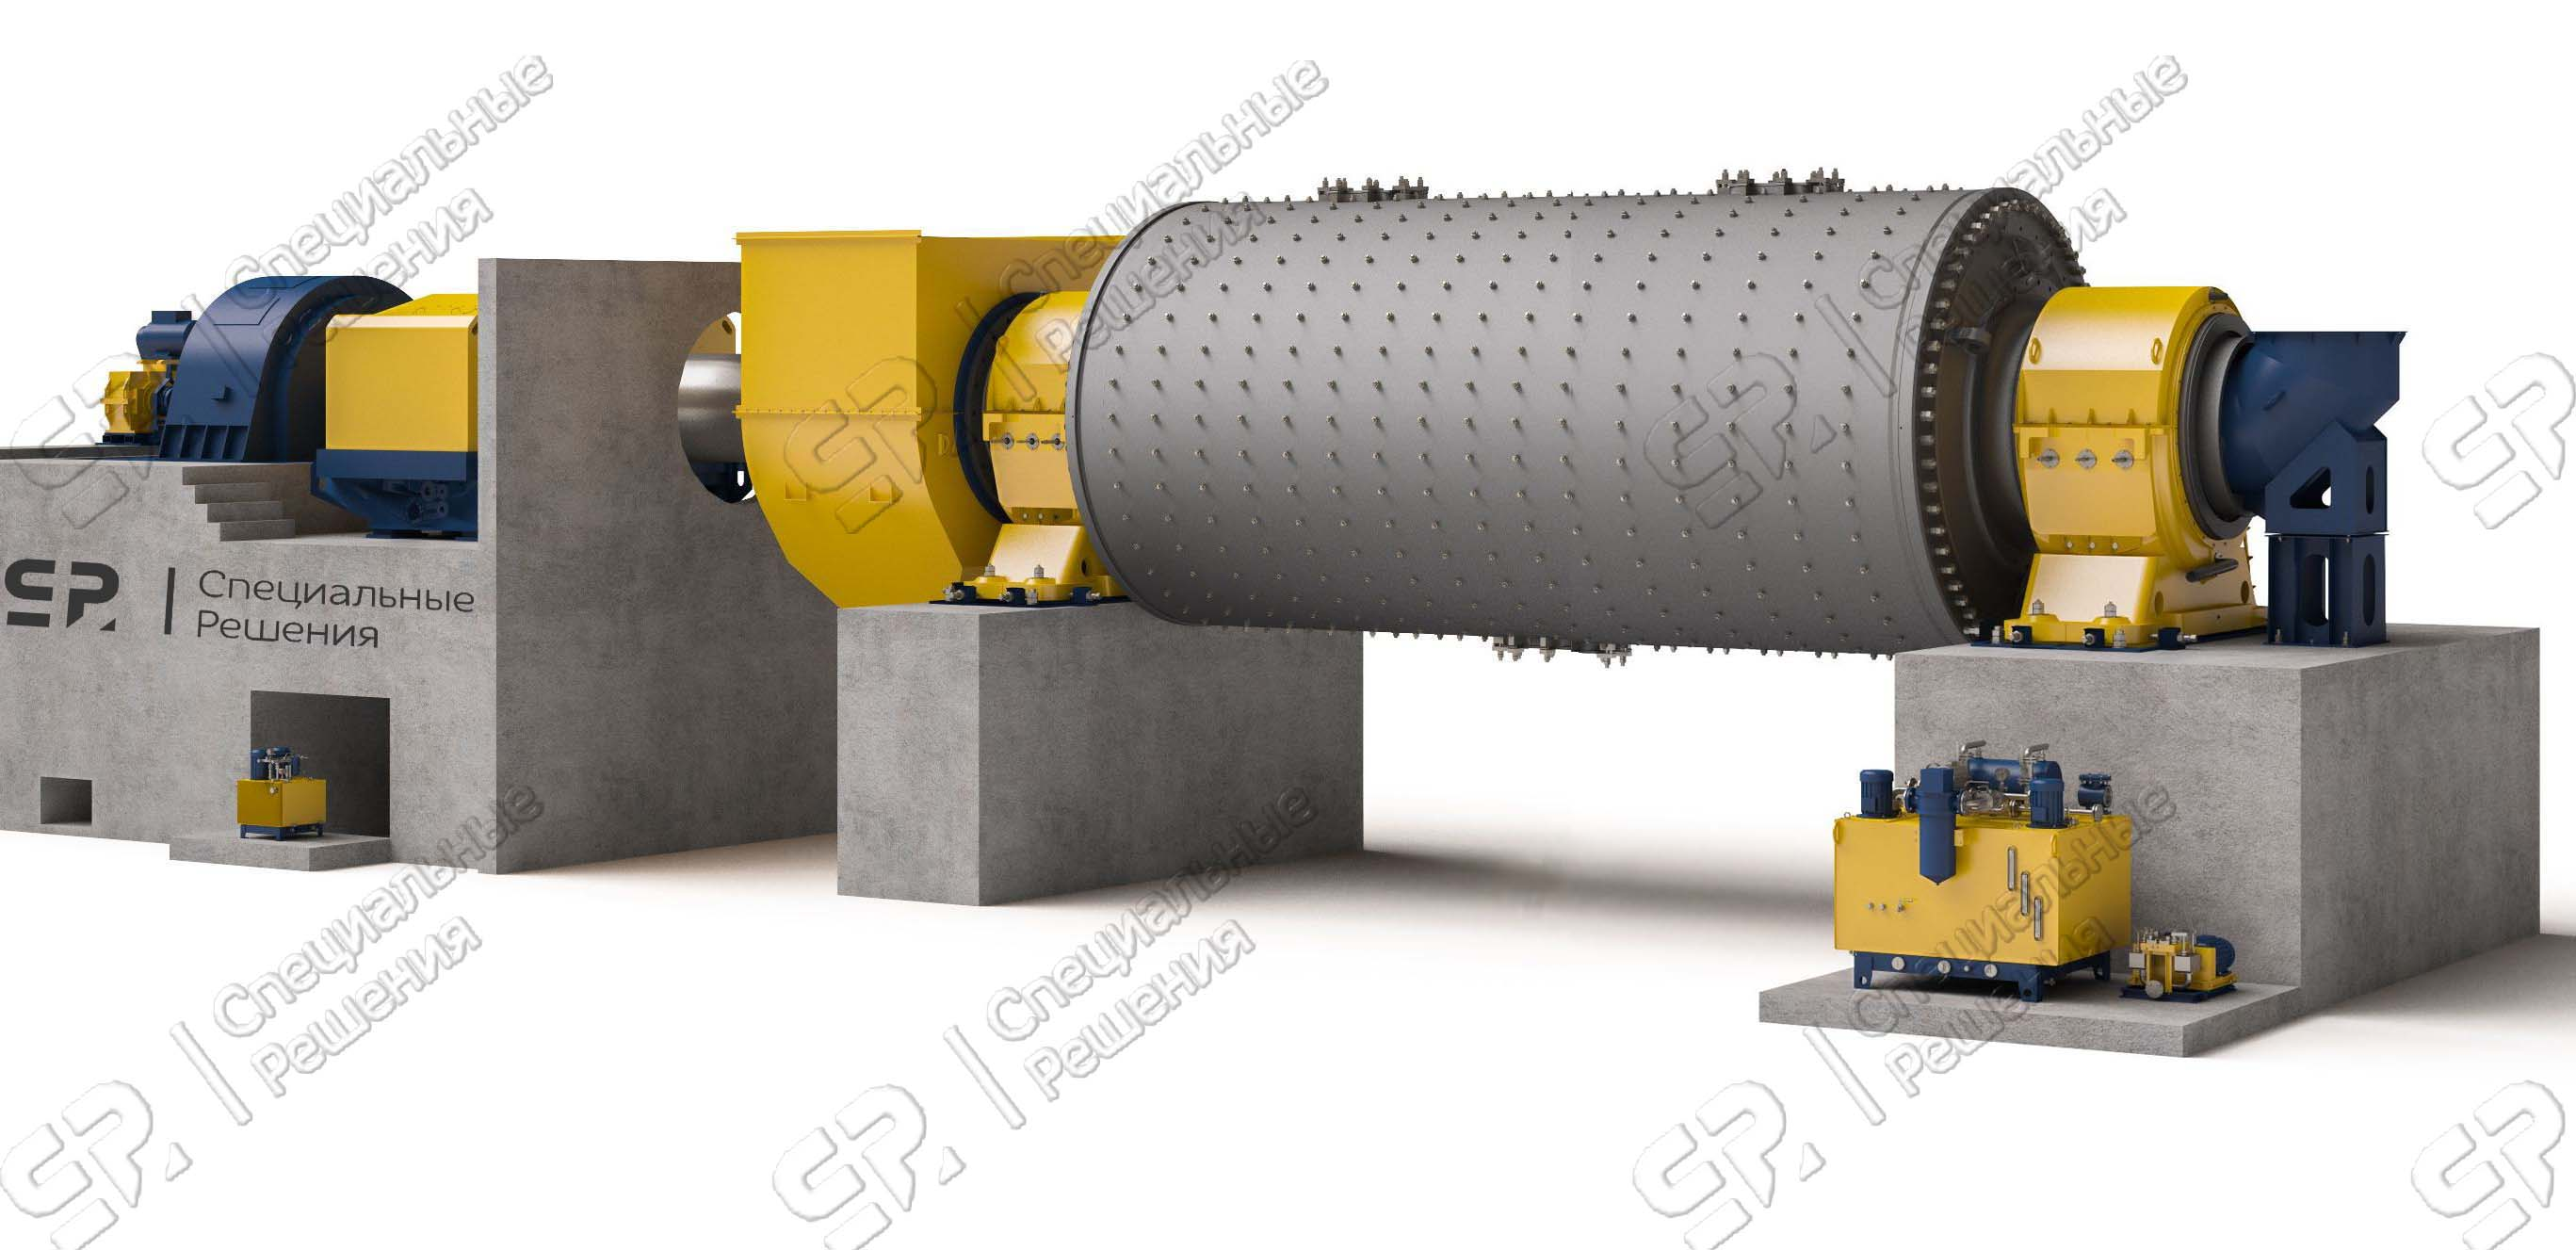 Горно шахтное оборудование в Усть-Кут щековая дробилка чертеж в Ржев